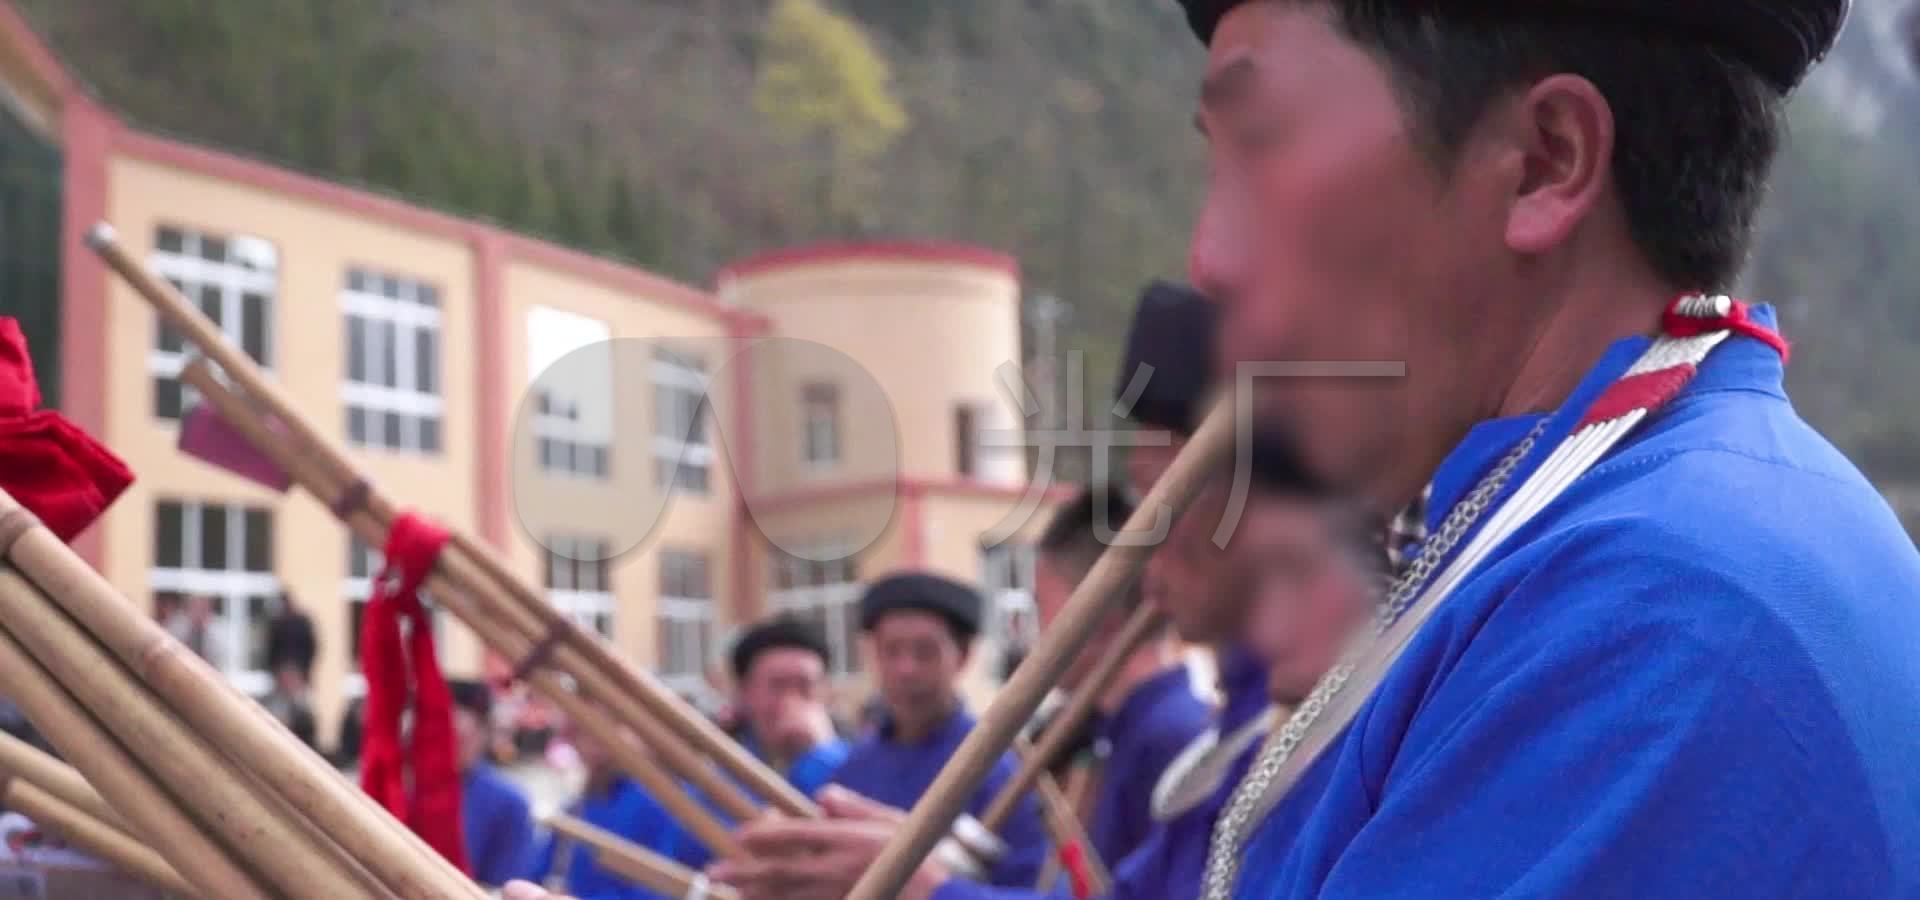 贵州笛子晚编号吹篝火少数民族_6下载(跳舞群信视频搞笑微图片